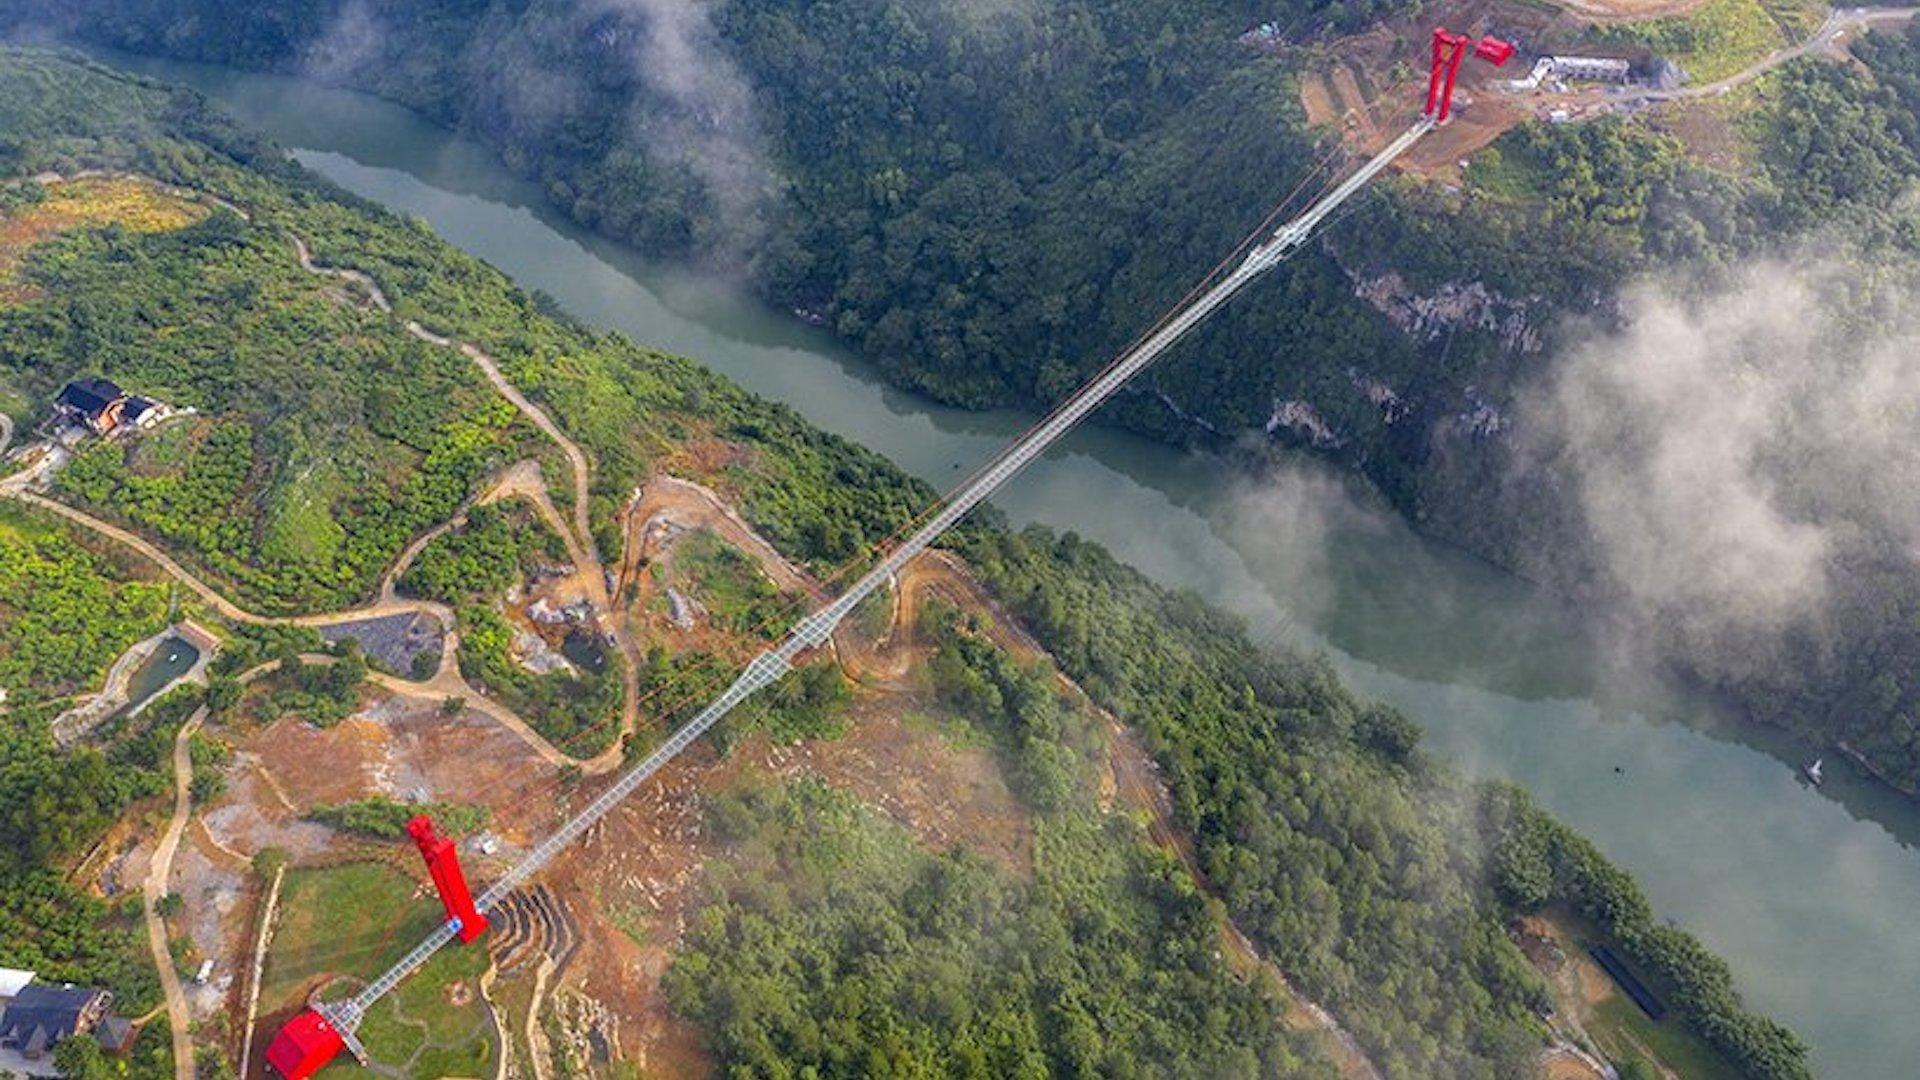 Este es el impresionante nuevo puente de vidrio más largo del mundo